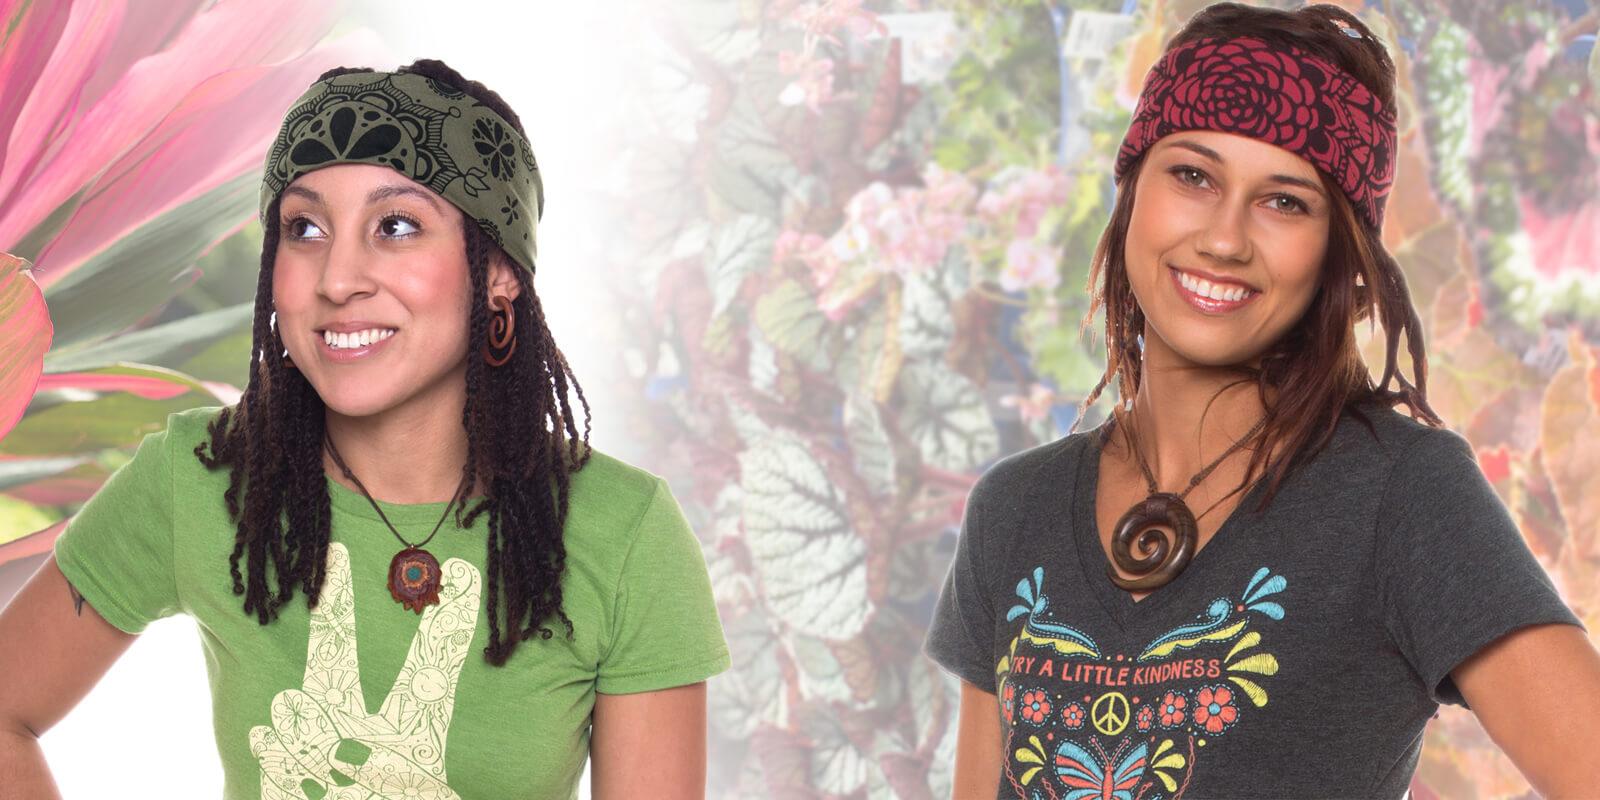 How to Wear a Bandana - The Hippie Headband